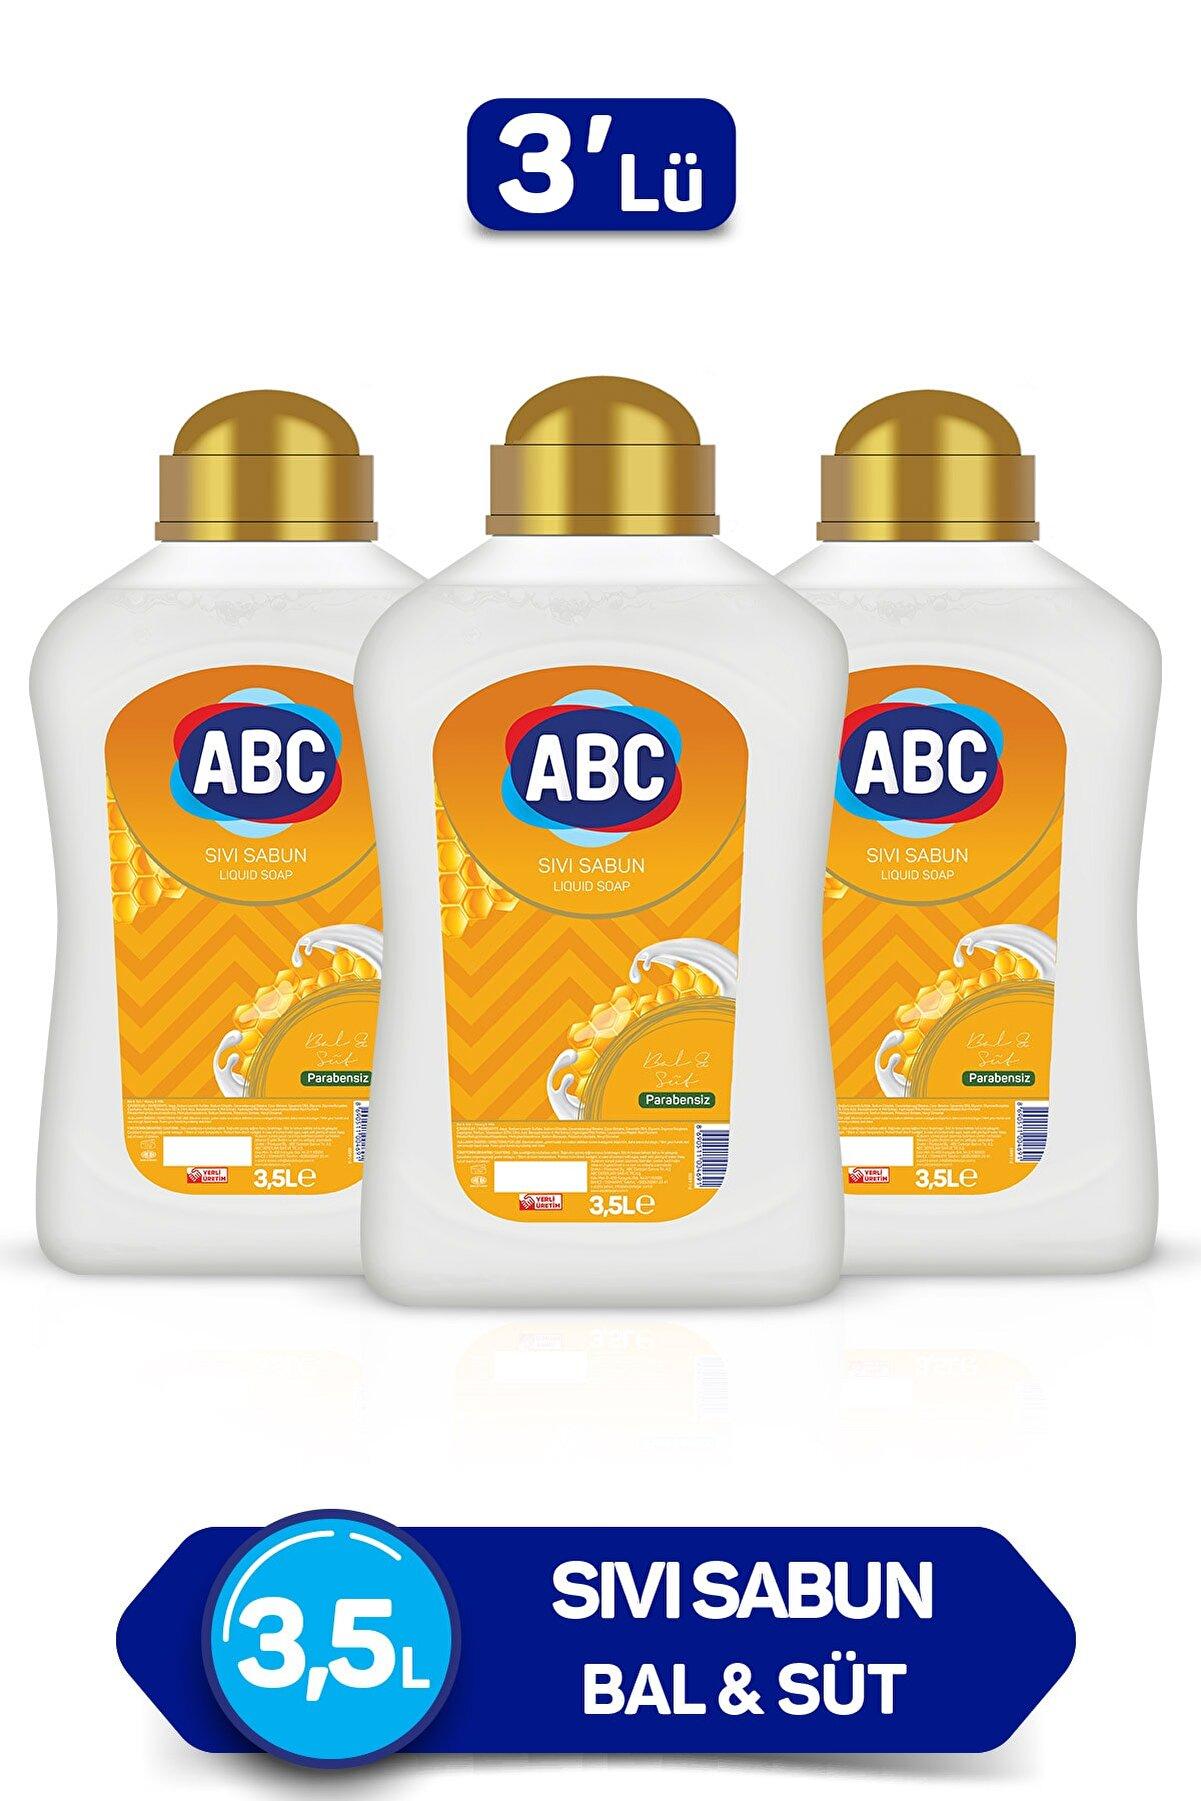 ABC Sıvı Sabun Bal & Süt 3500 ml x 3 Adet